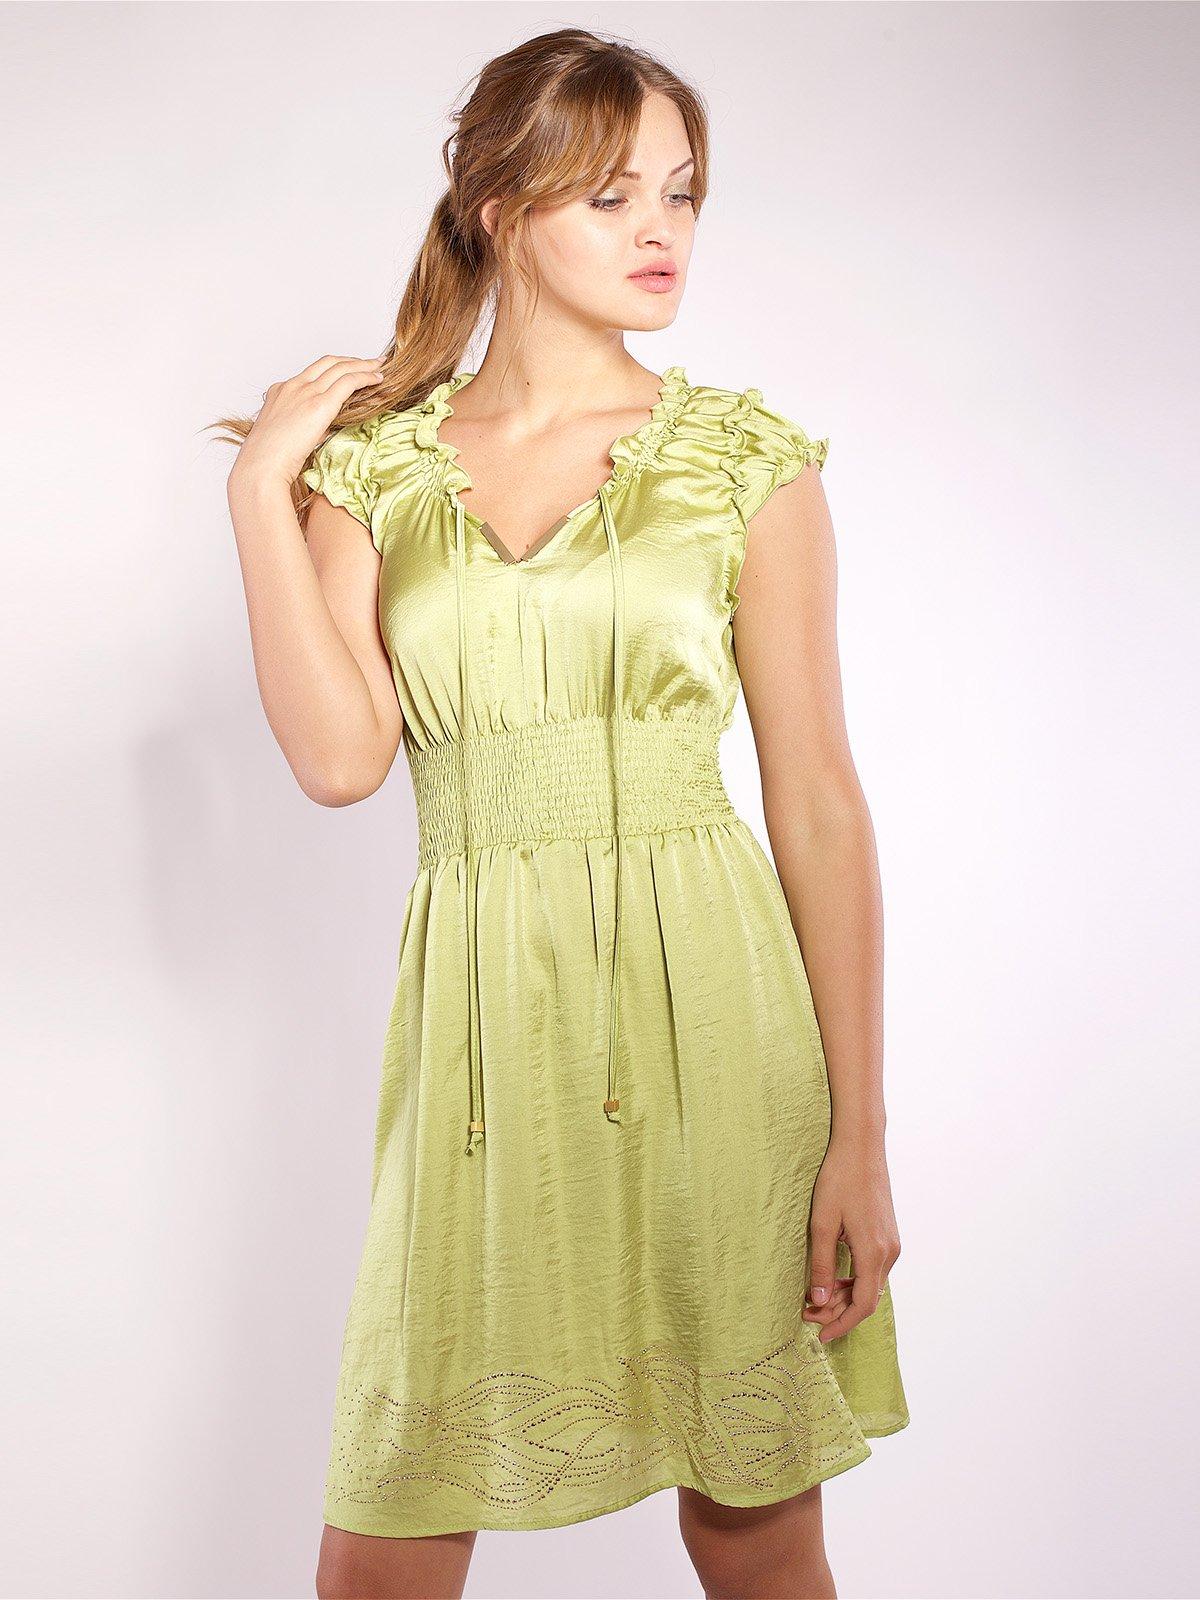 Сукня салатового кольору   2385986   фото 2